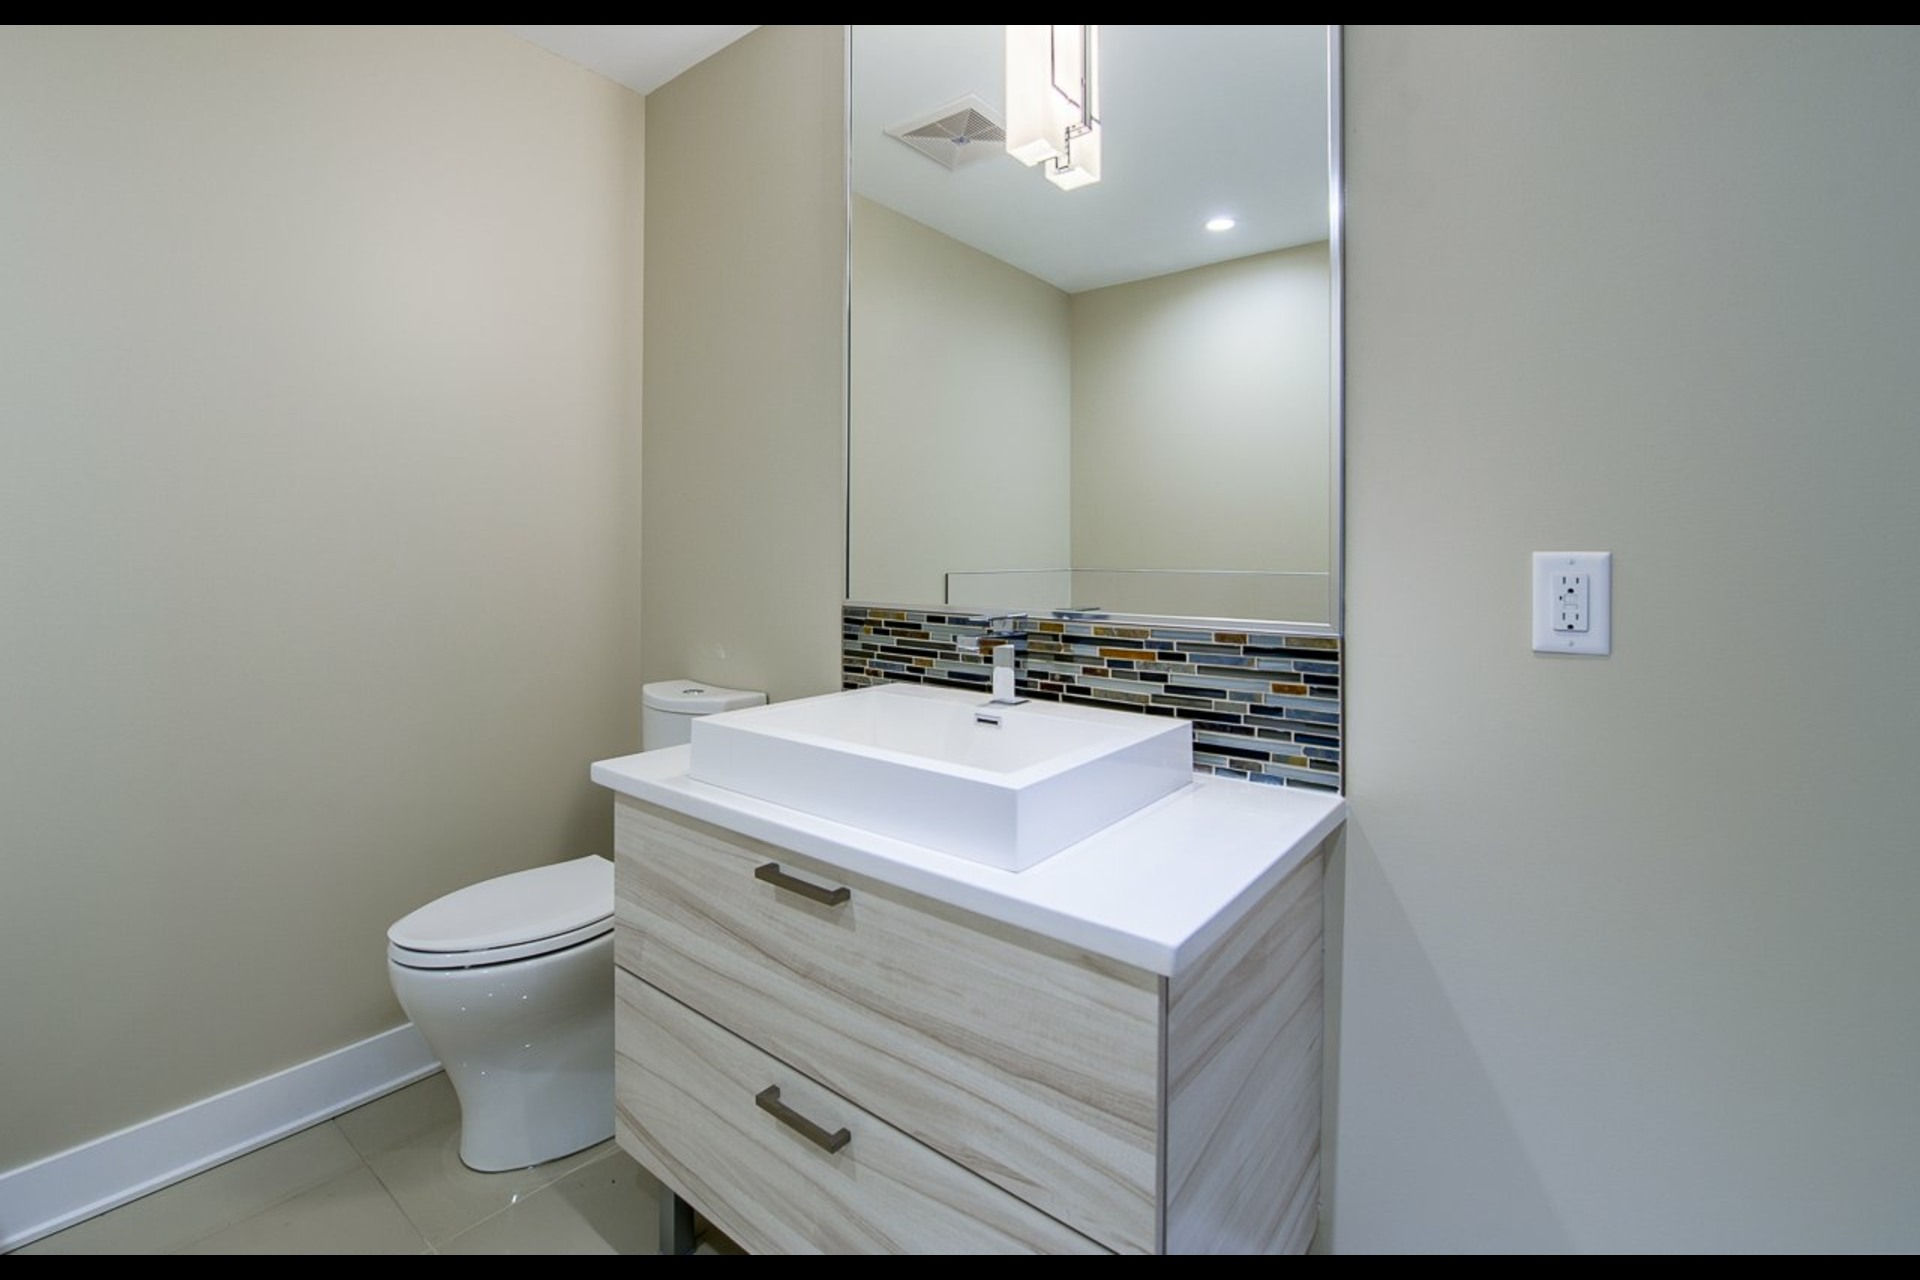 image 11 - Appartement À louer Montréal Rosemont/La Petite-Patrie  - 4 pièces